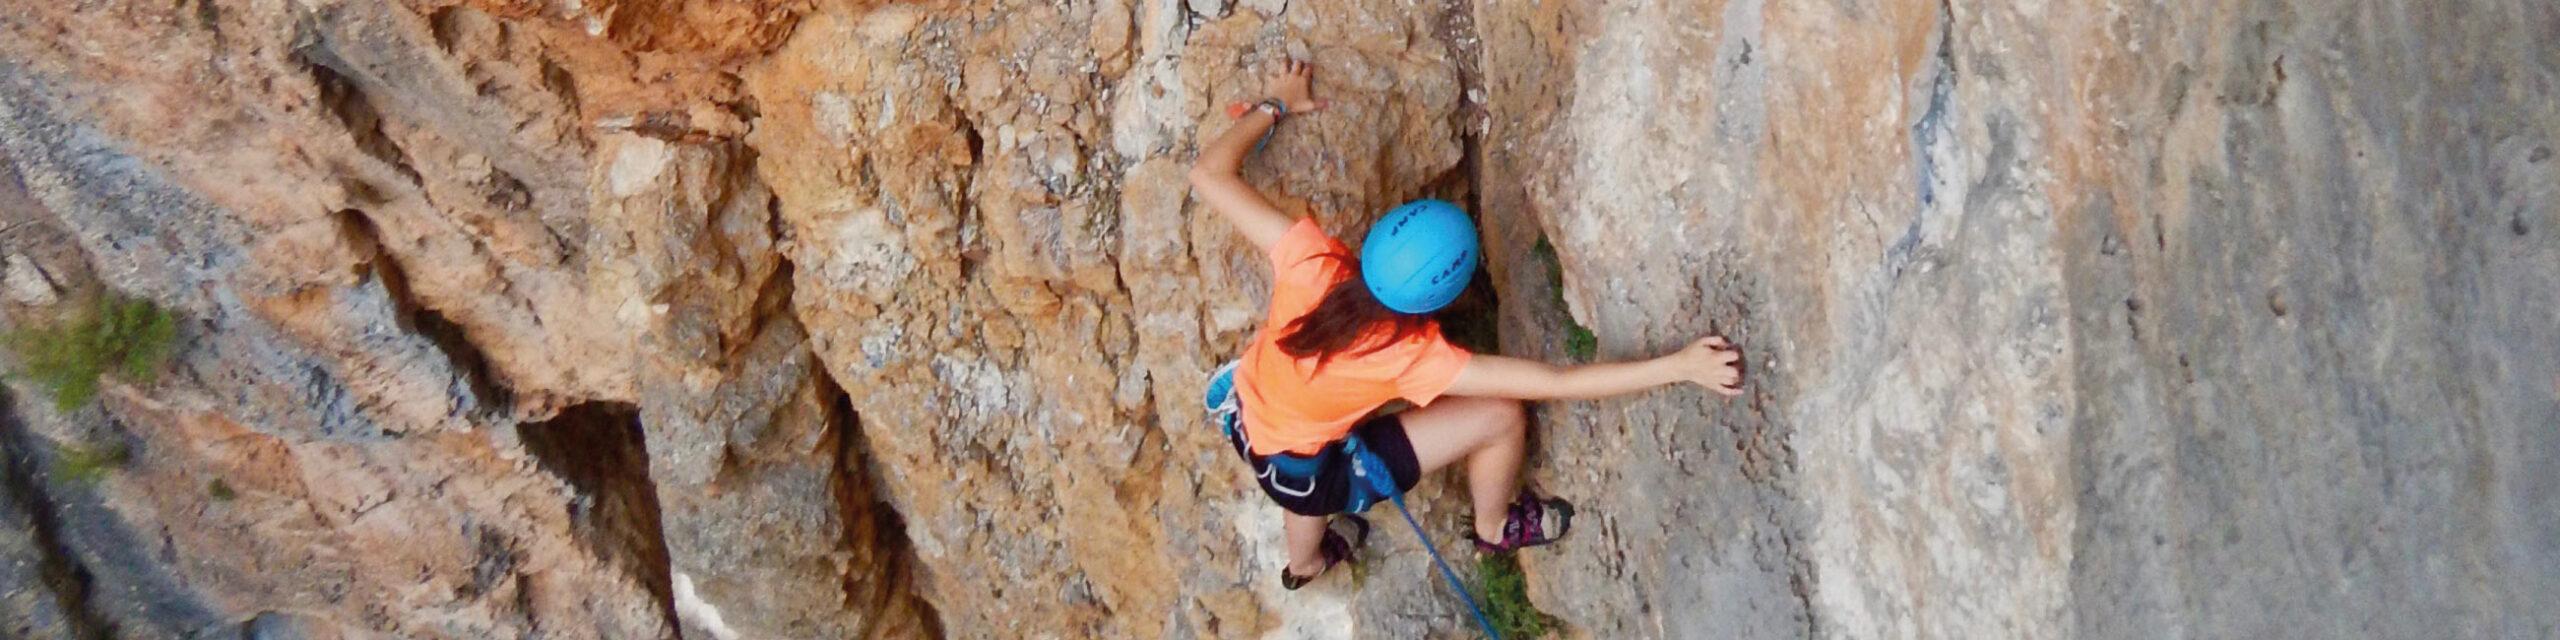 L'Argenteria, escalada amb en Chris Sharma